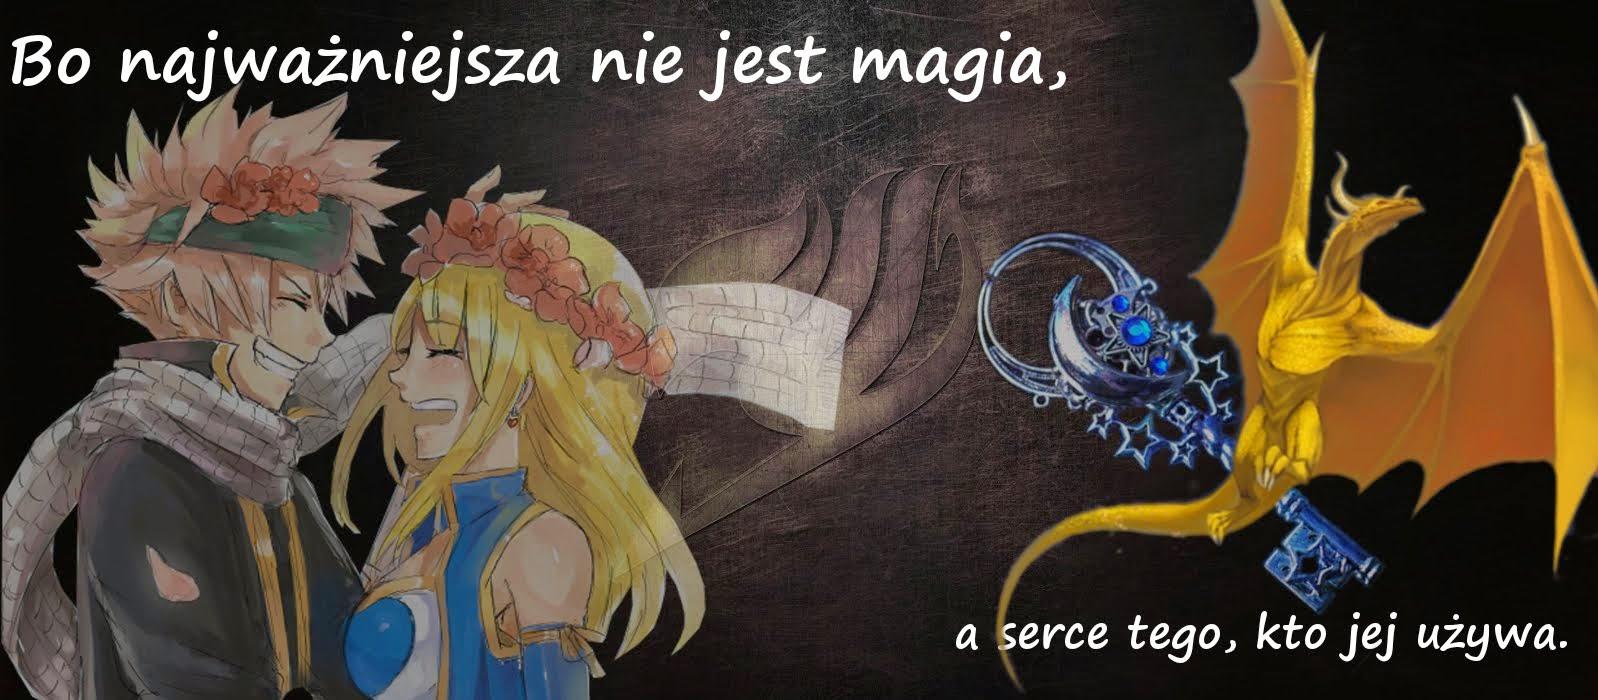 Bo naważniejsza nie jest magia, a serce tego kto jej używa.